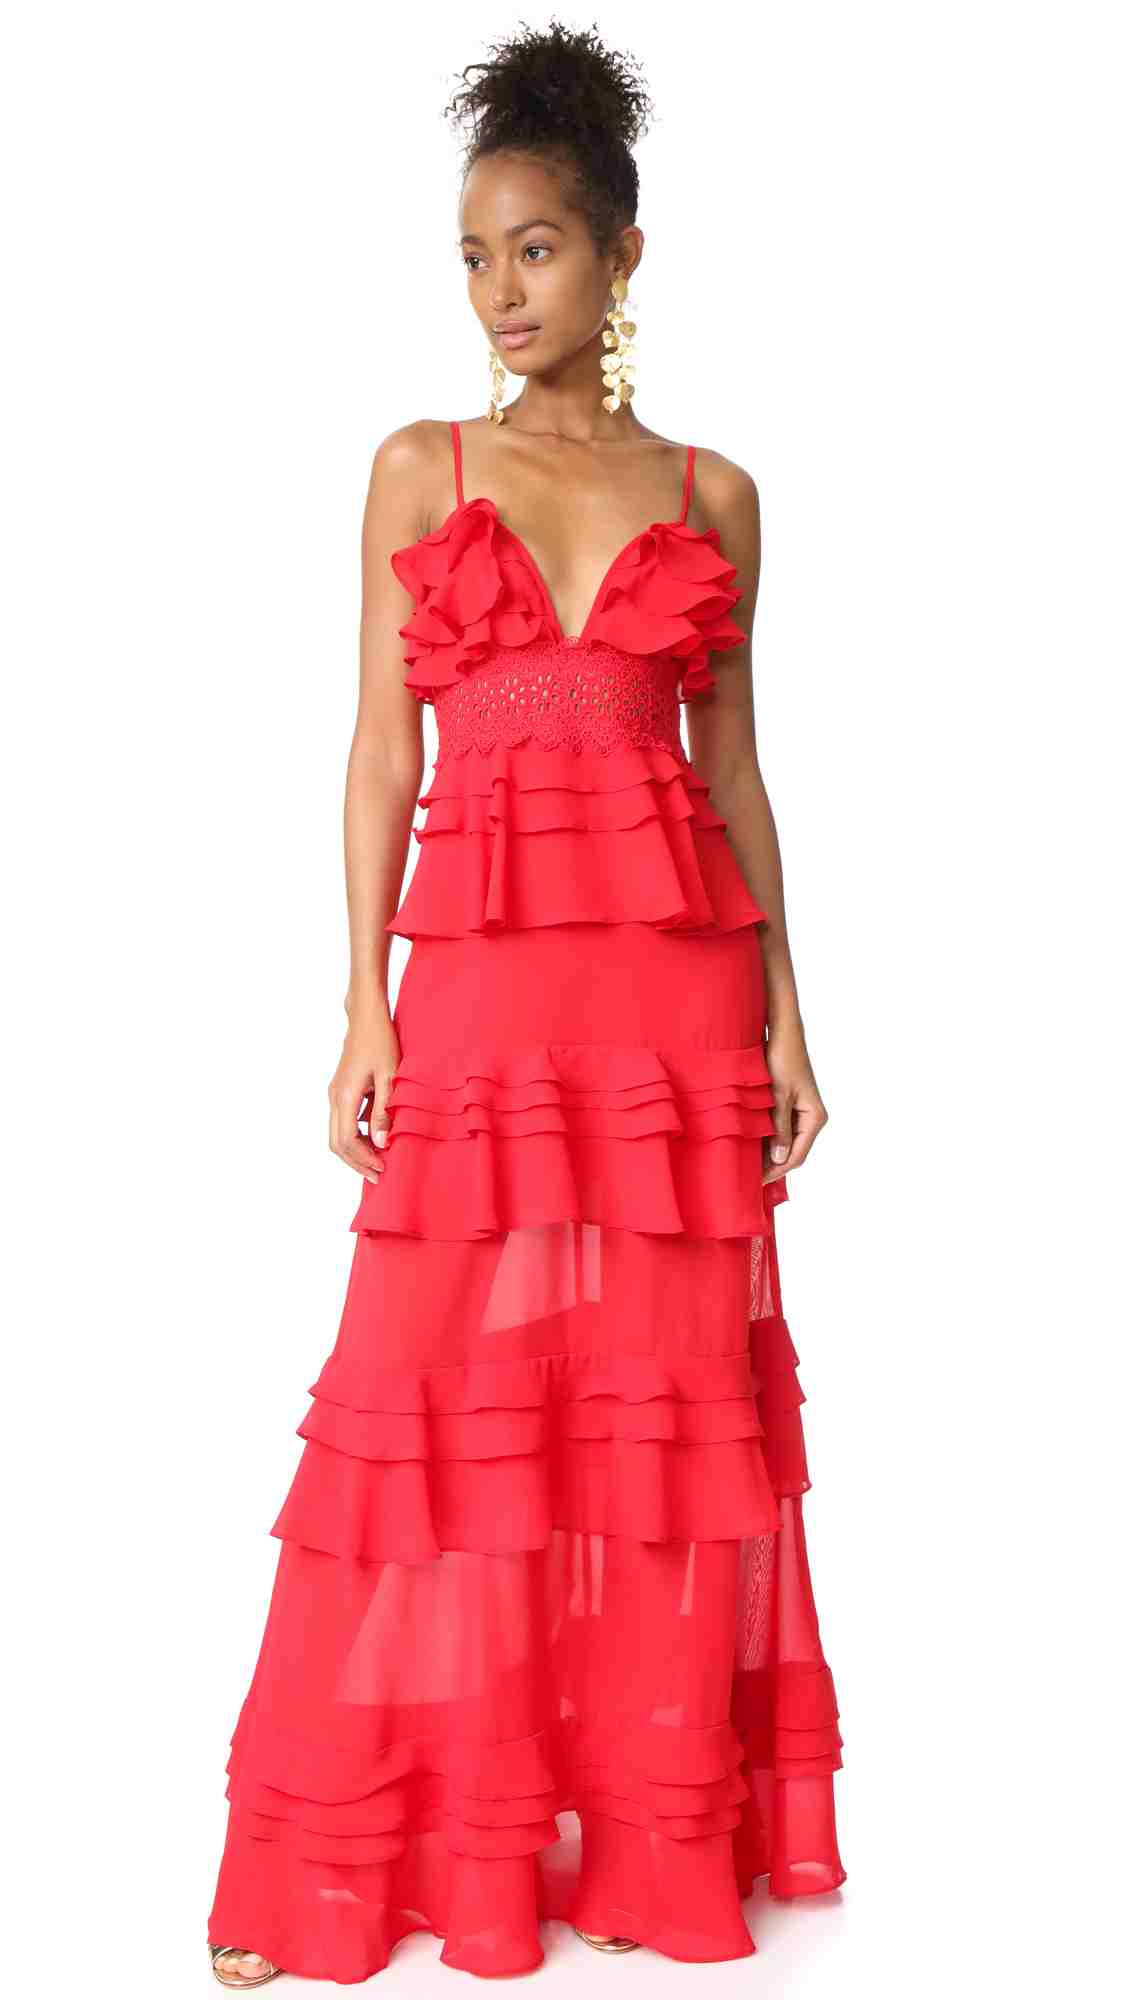 Glamorous Tiered Dress | Hermosaz